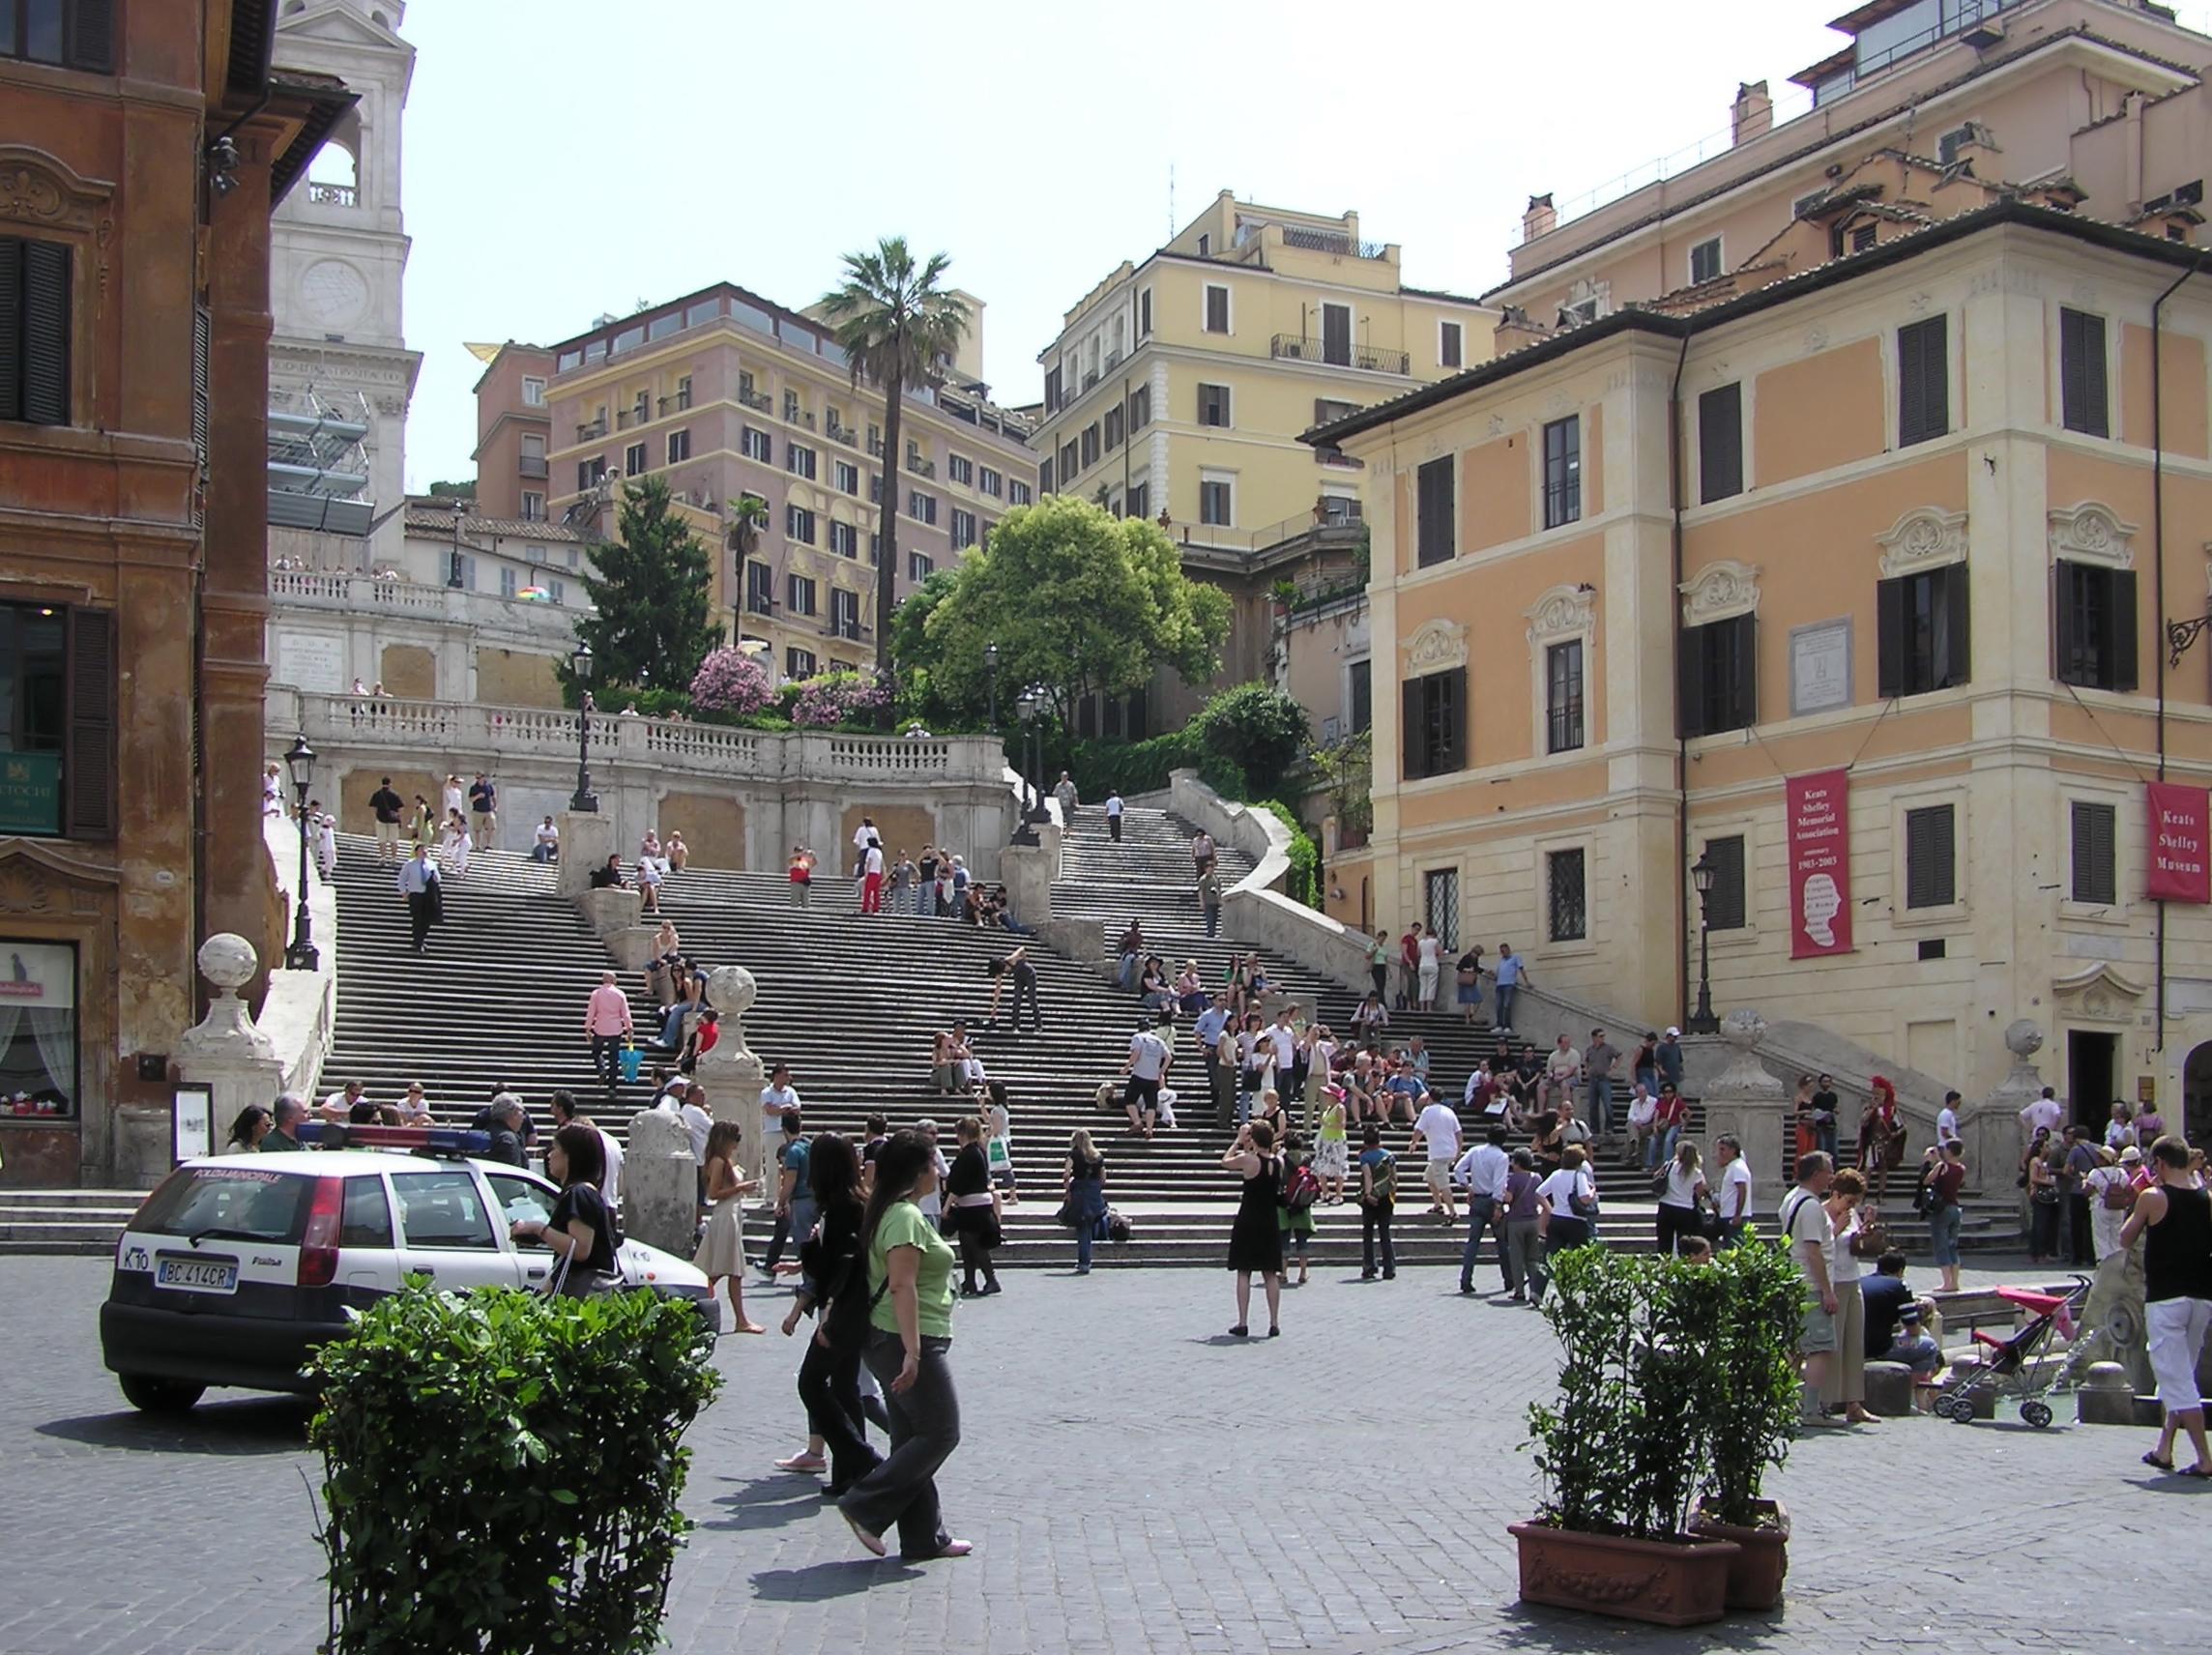 достопримечательности италия фото с названиями и описанием